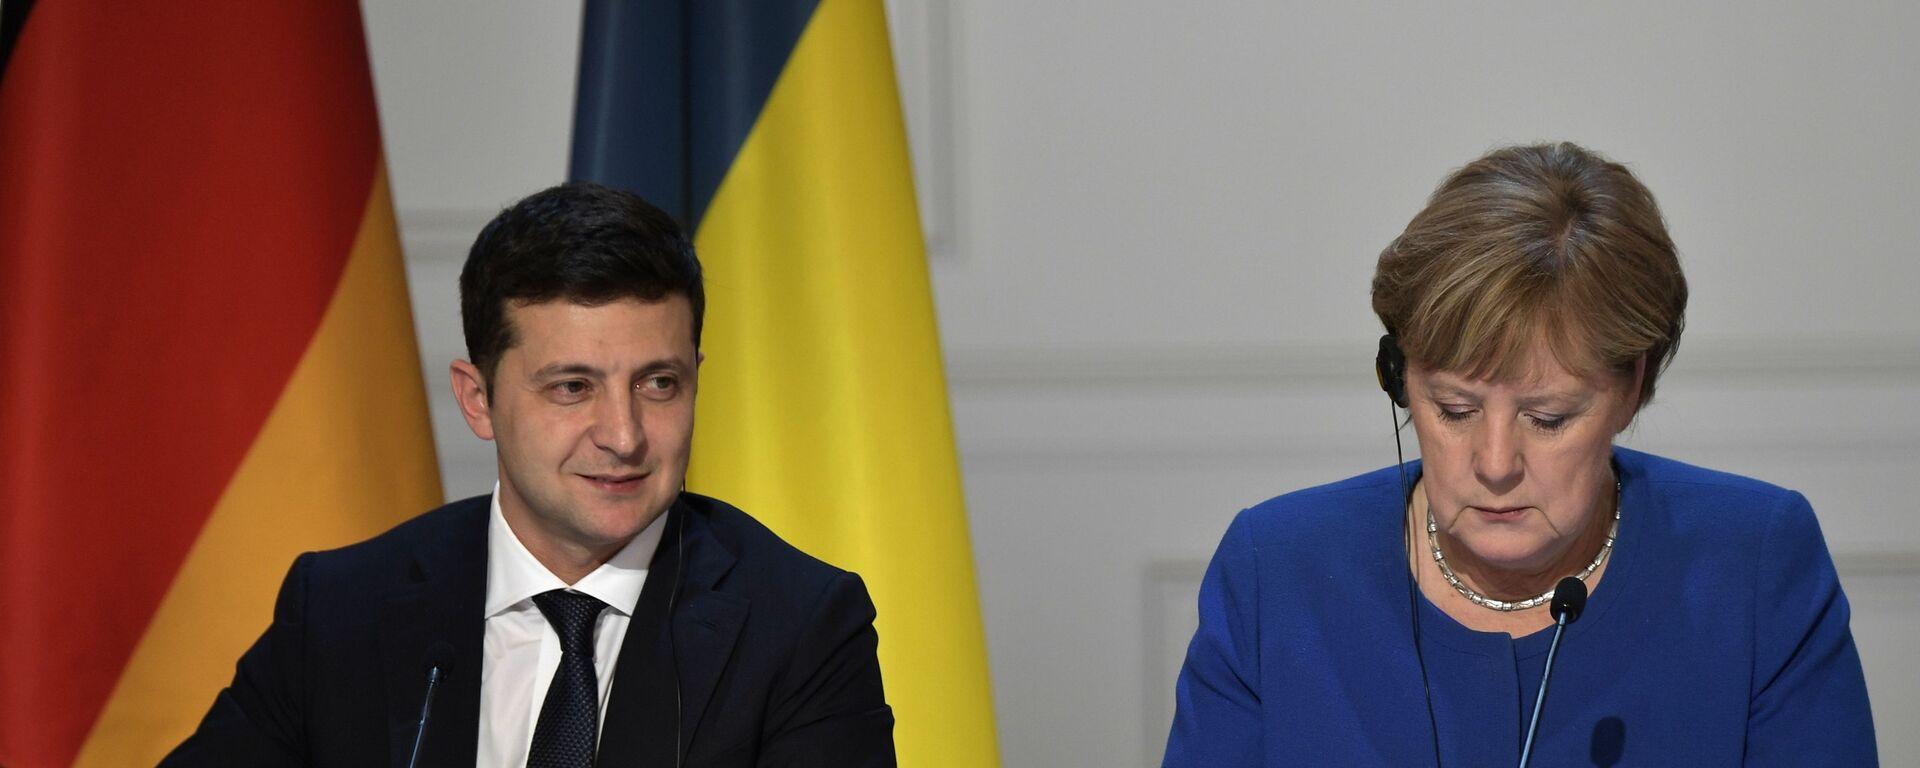 Ukrajinský prezident Volodymyr Zelenskyj a německá kancléřka Angela Merkelová - Sputnik Česká republika, 1920, 12.07.2021